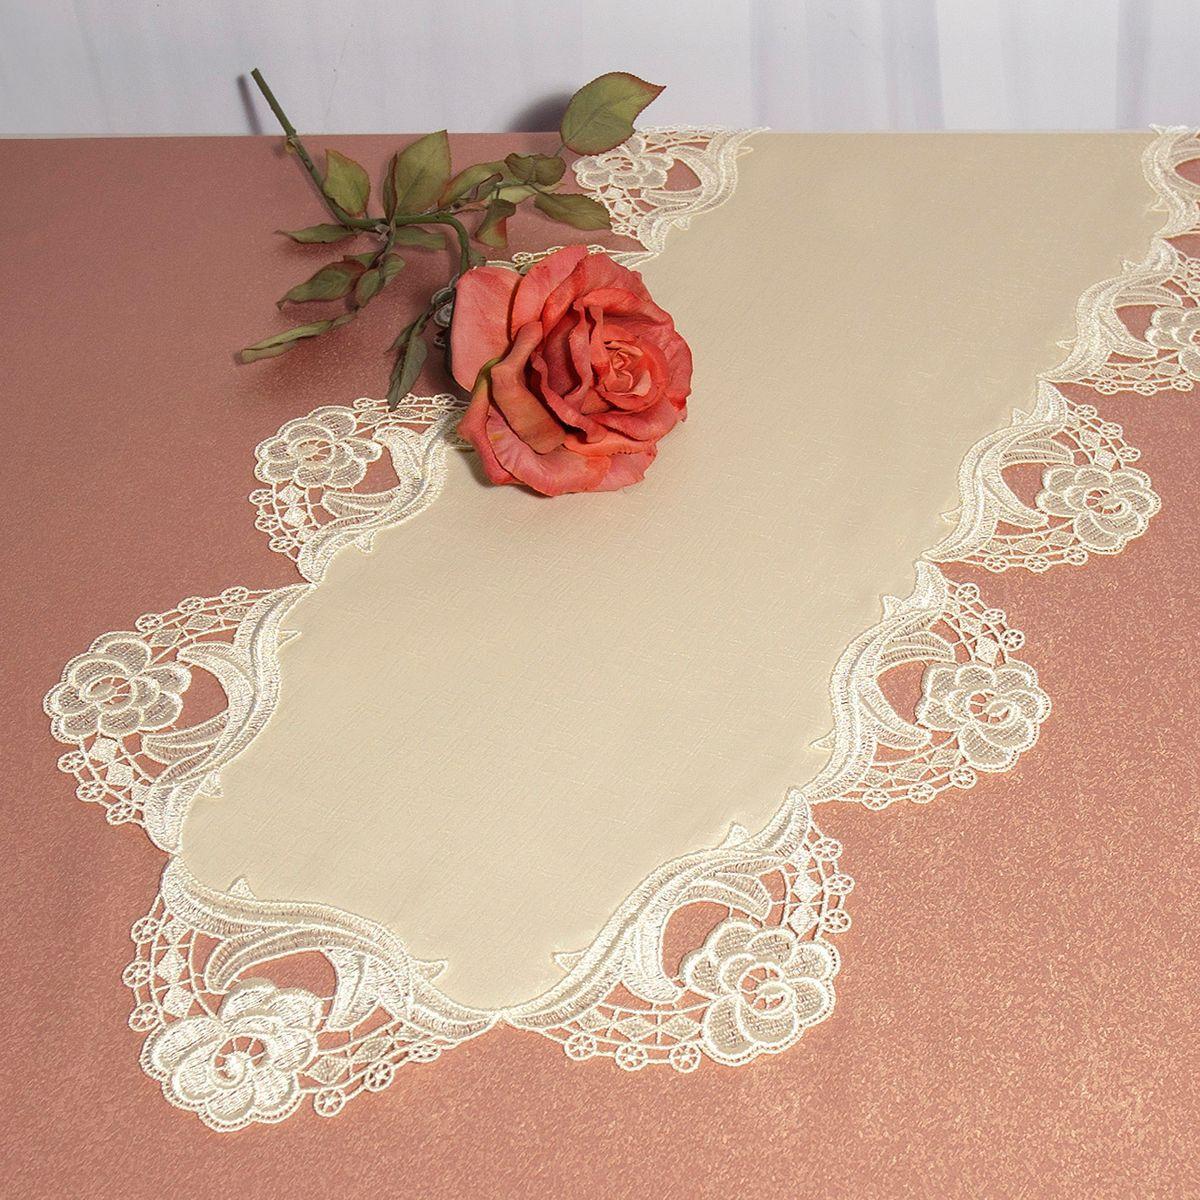 Дорожка для декорирования стола Schaefer, 40x90 см. 30153015